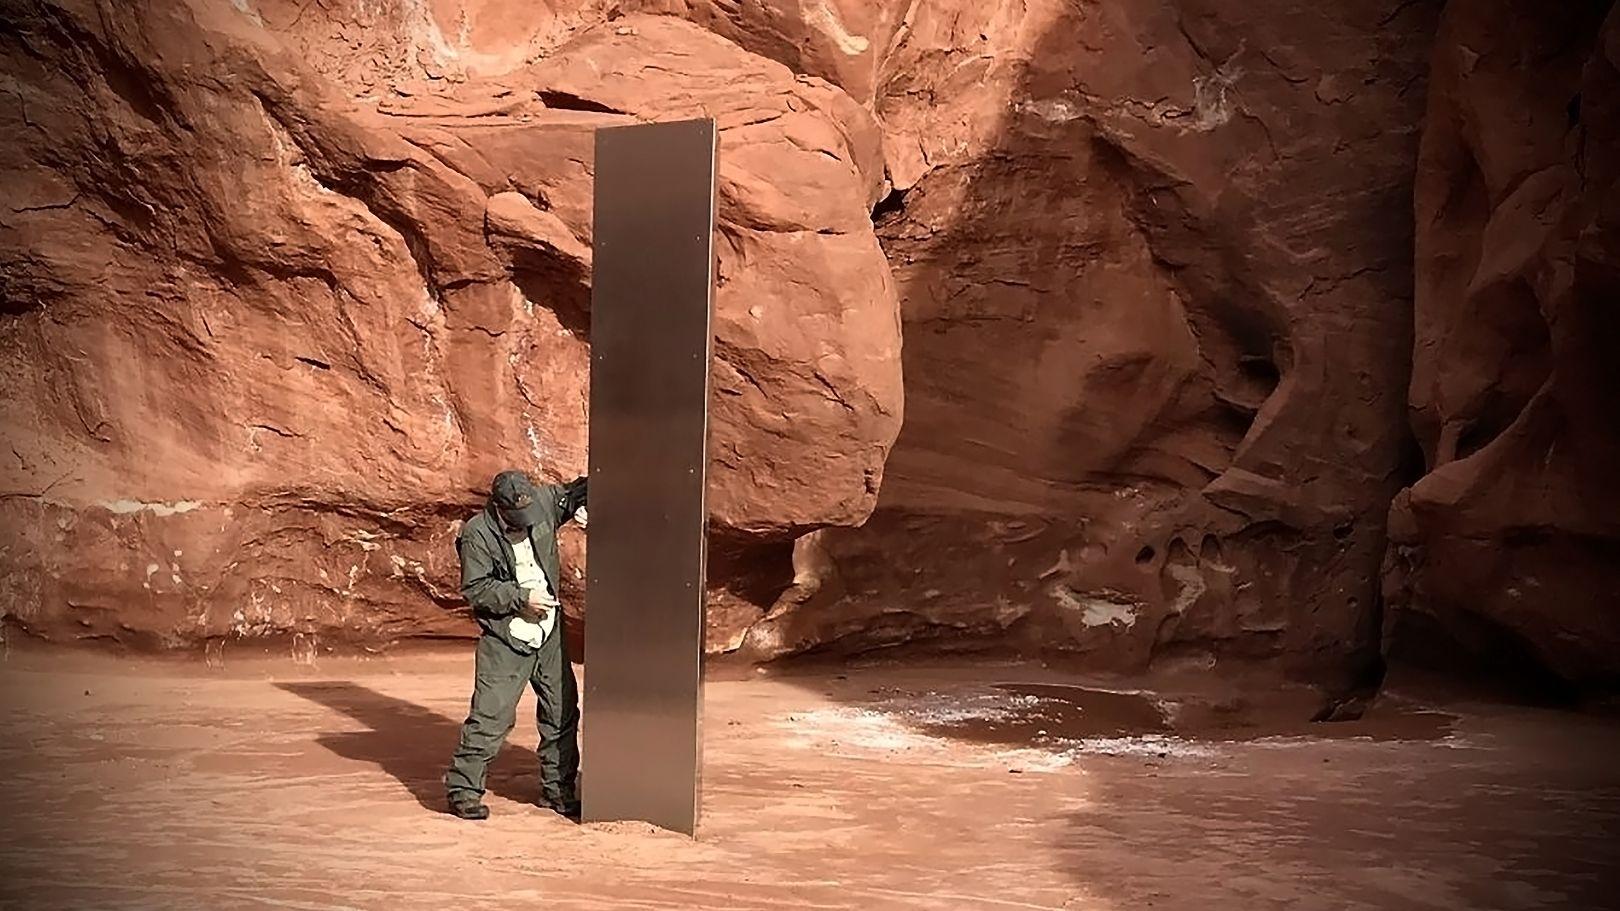 États-Unis | Utah : un mystérieux monolithe de métal découvert dans le désert [Vidéos]